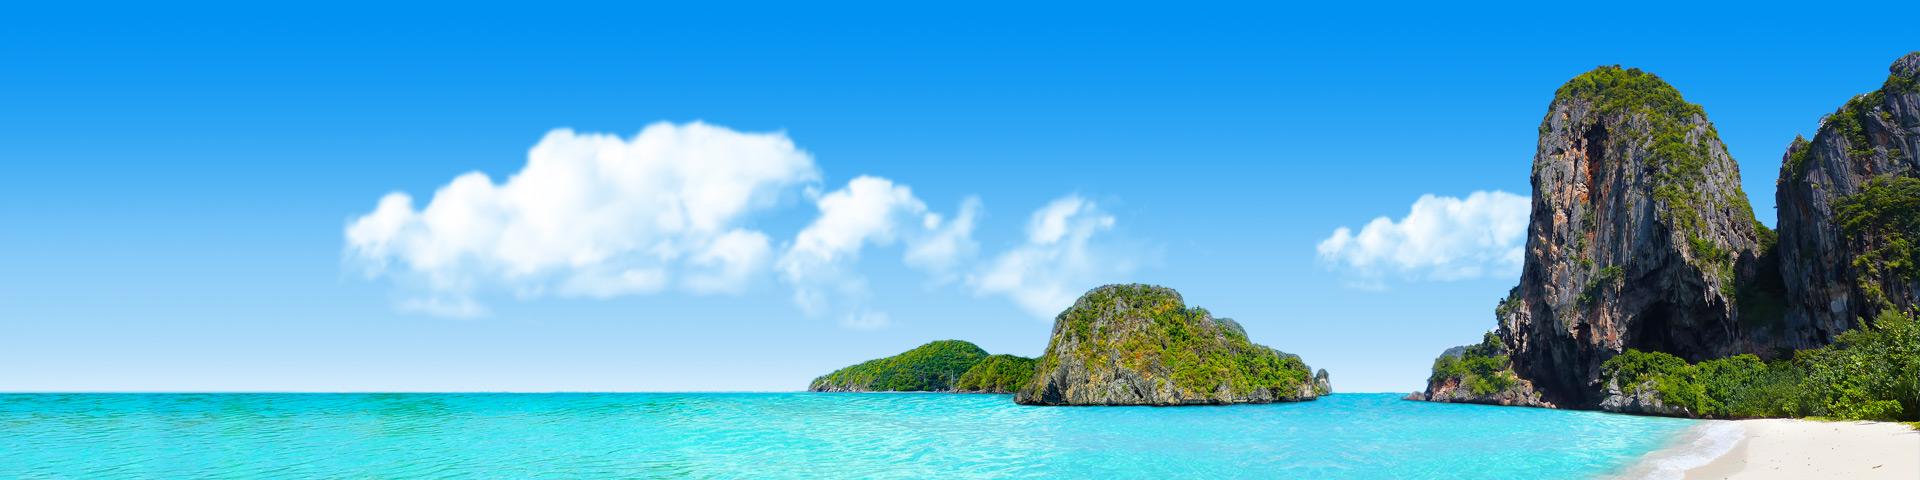 Strand met heldere lichtblauwe zee en rotsen in het water in Thailand